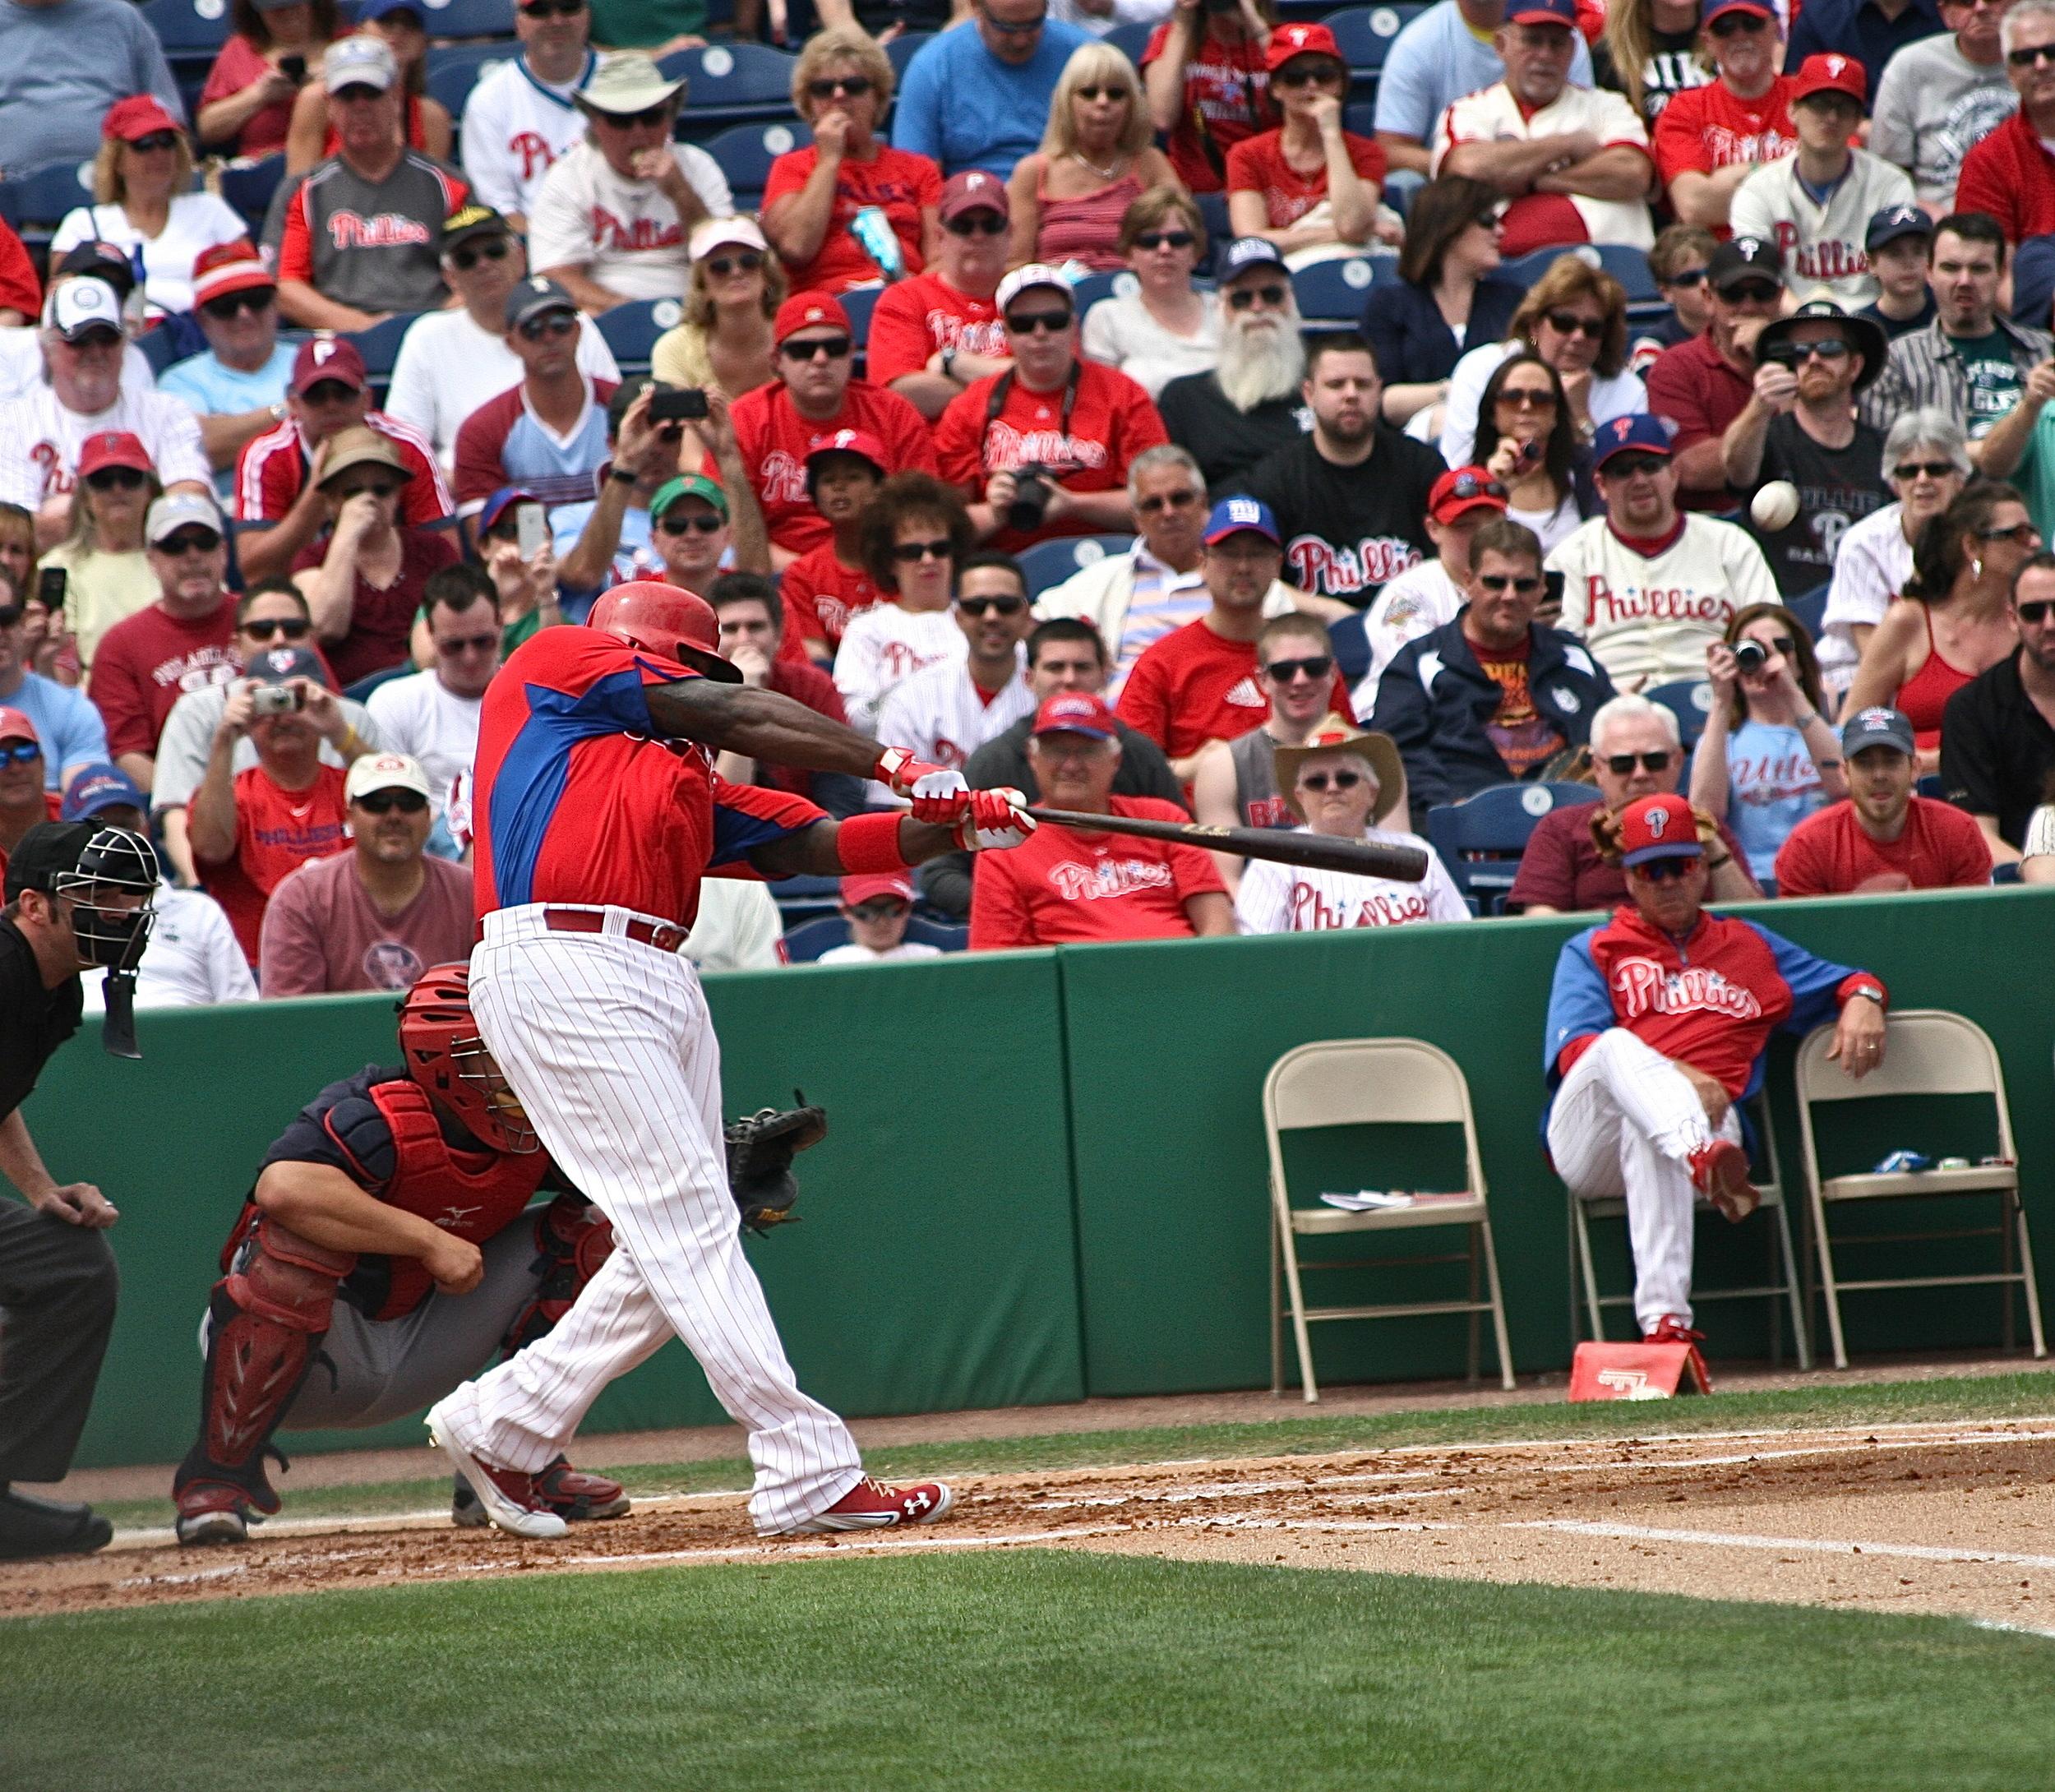 Ryan Howard crushes the ball